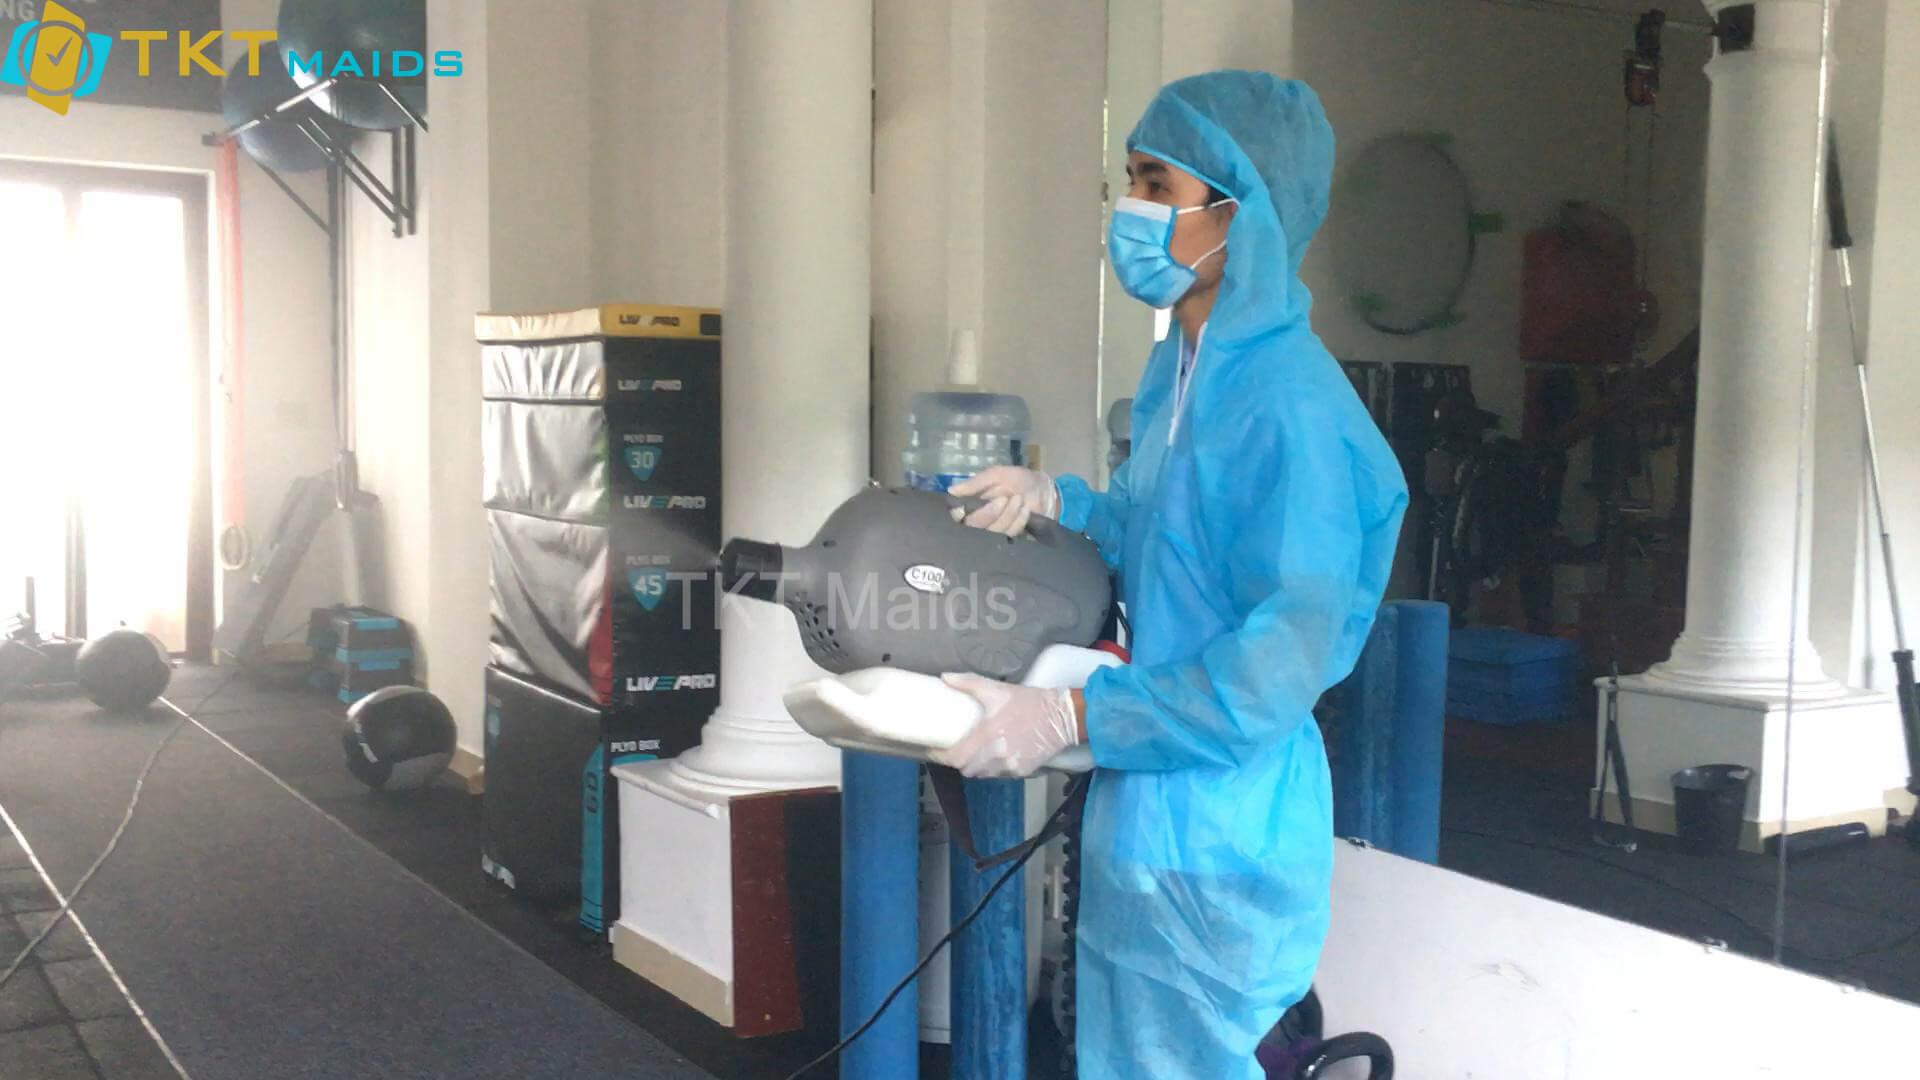 Title: Hình ảnh: Nhân viên TKT Maids tiến hành xịt khử trùng văn phòng cho khách hàng